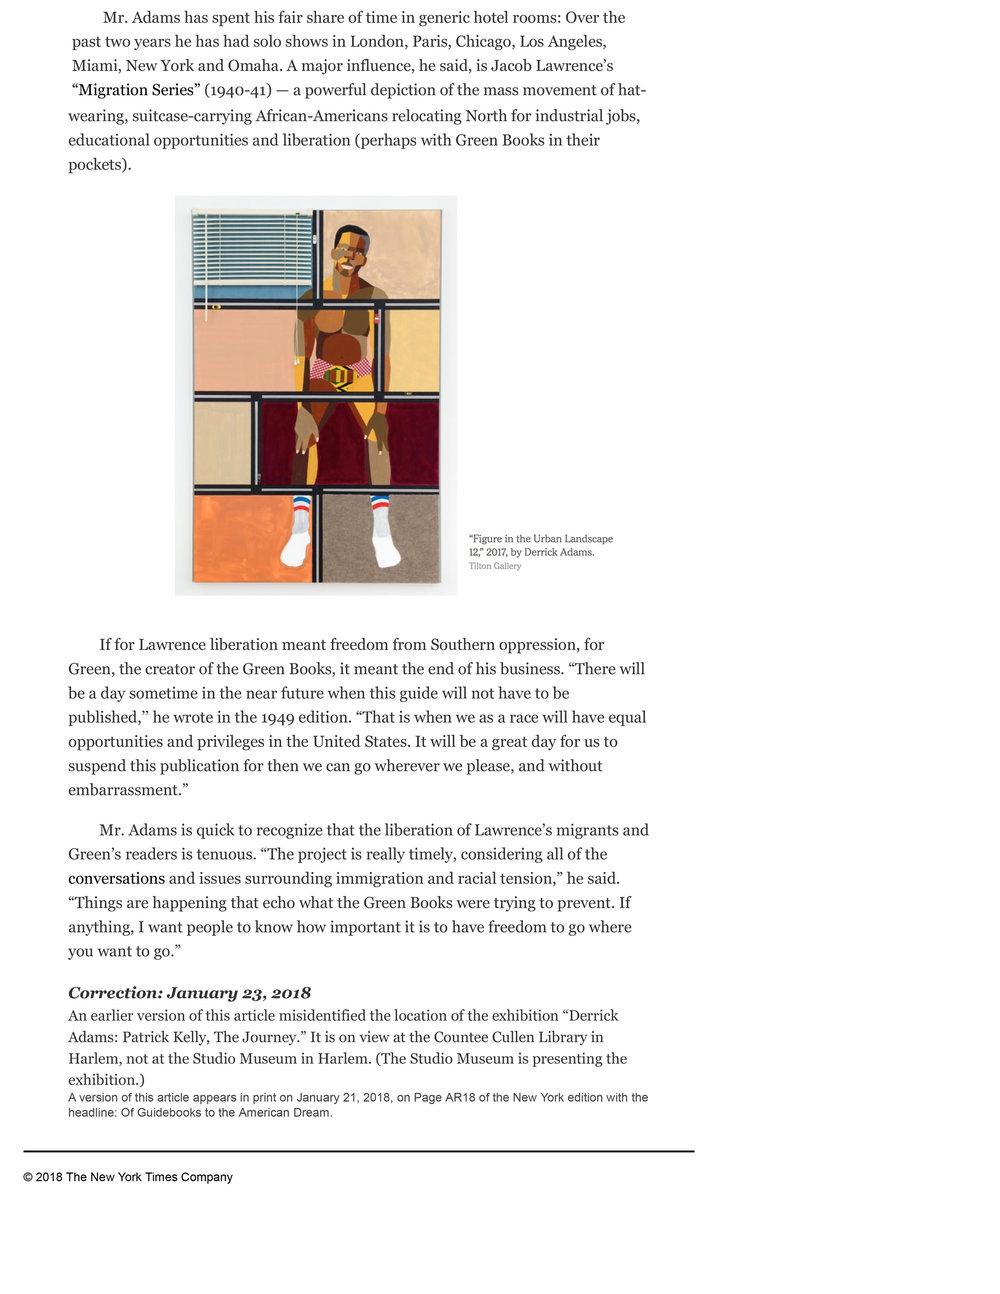 NYT_pg7.jpg